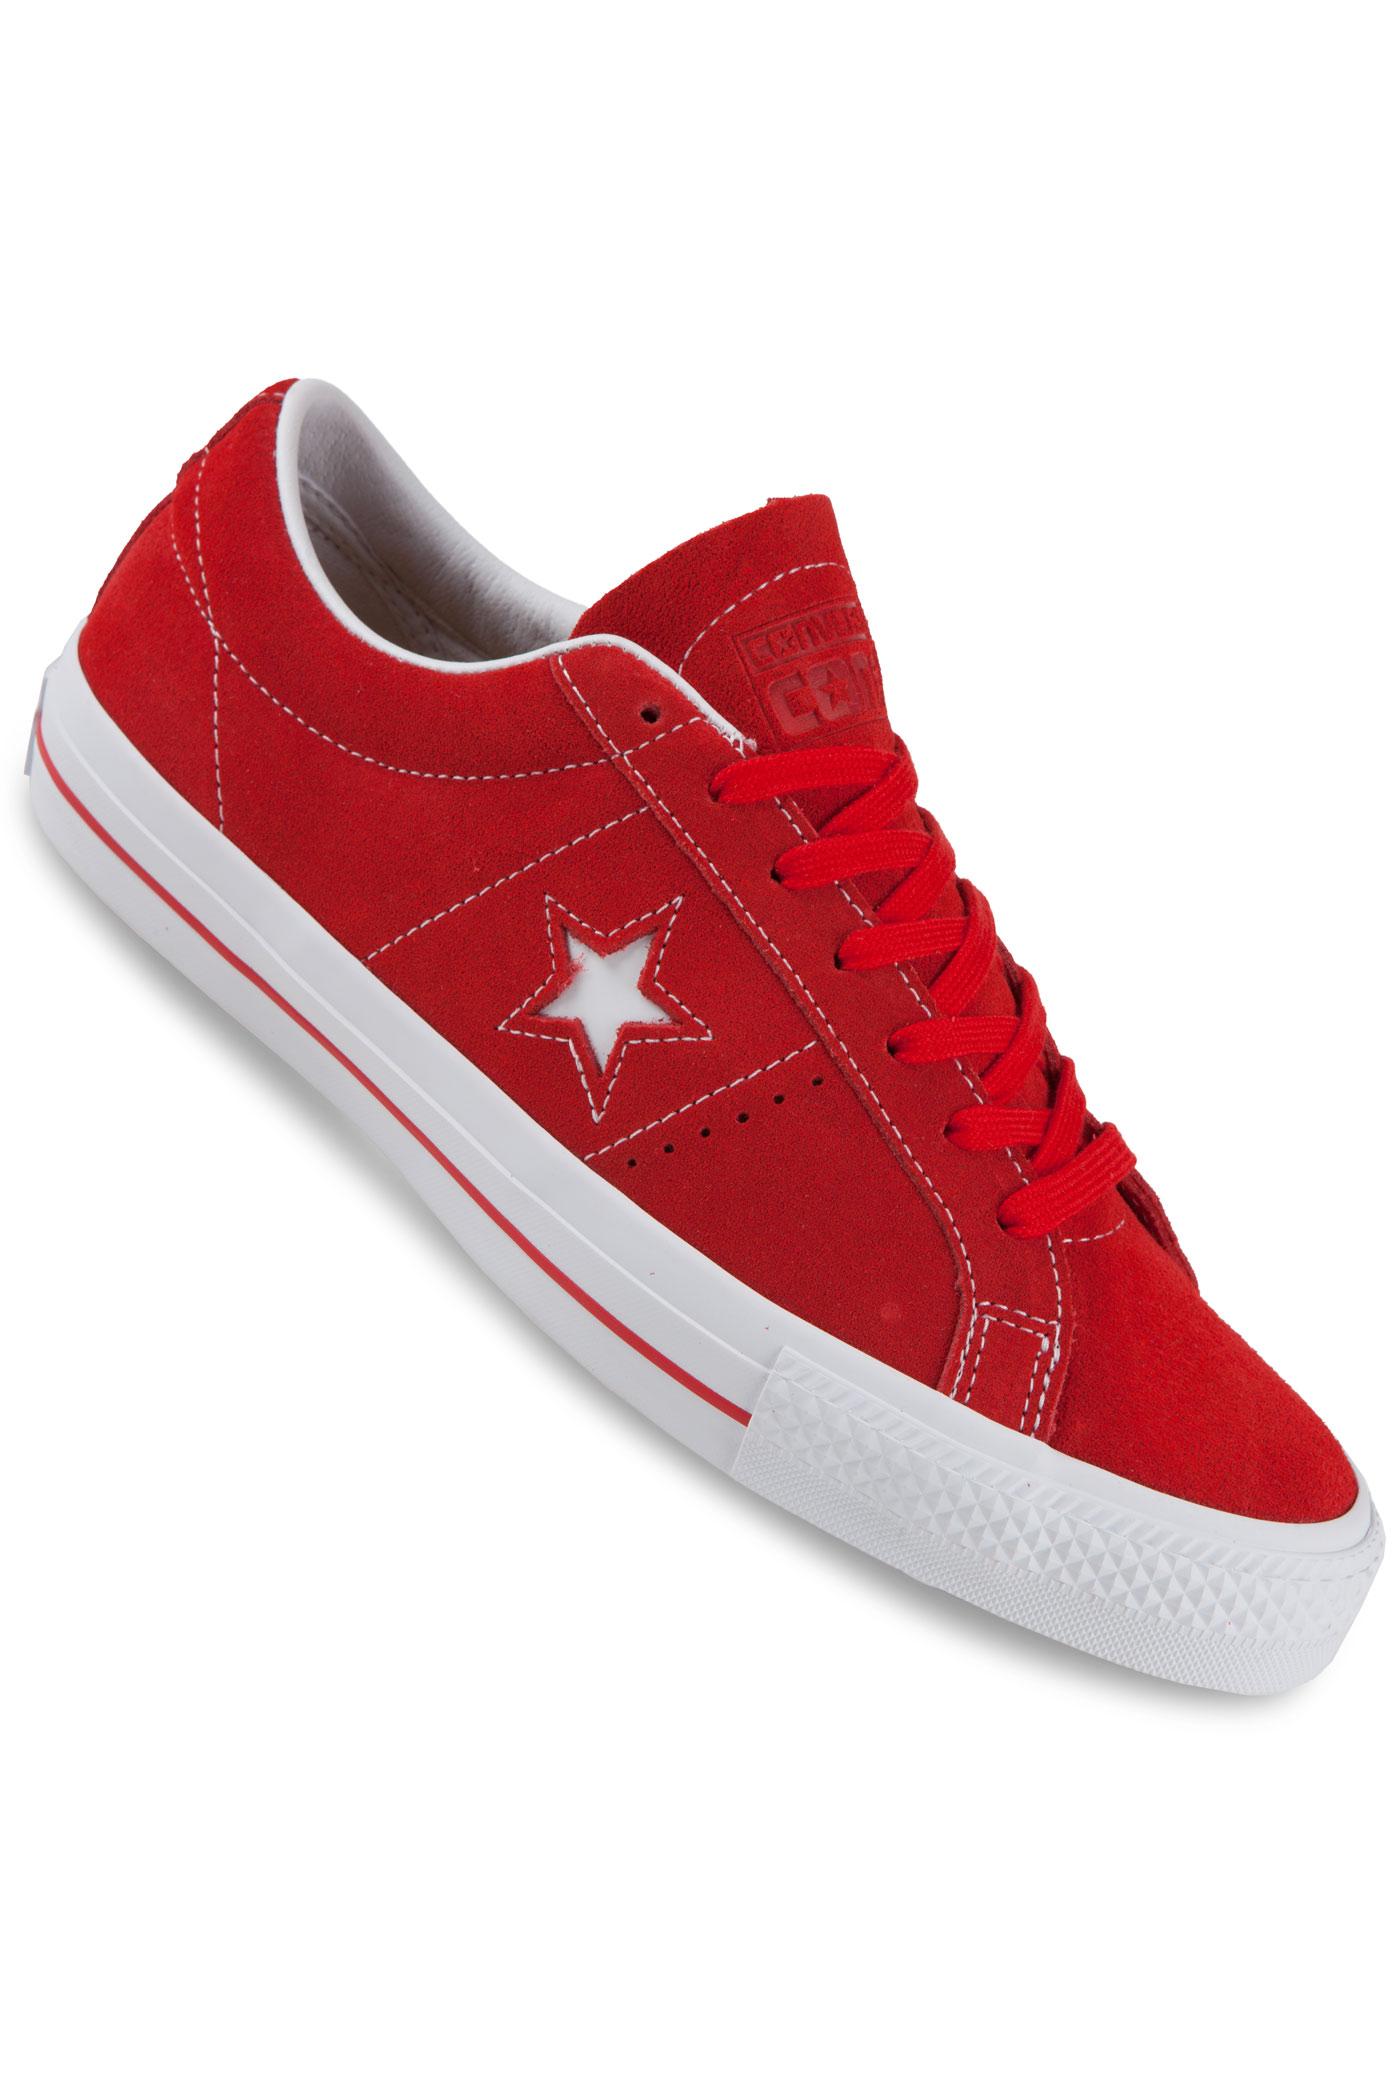 Converse One Star ziriadch